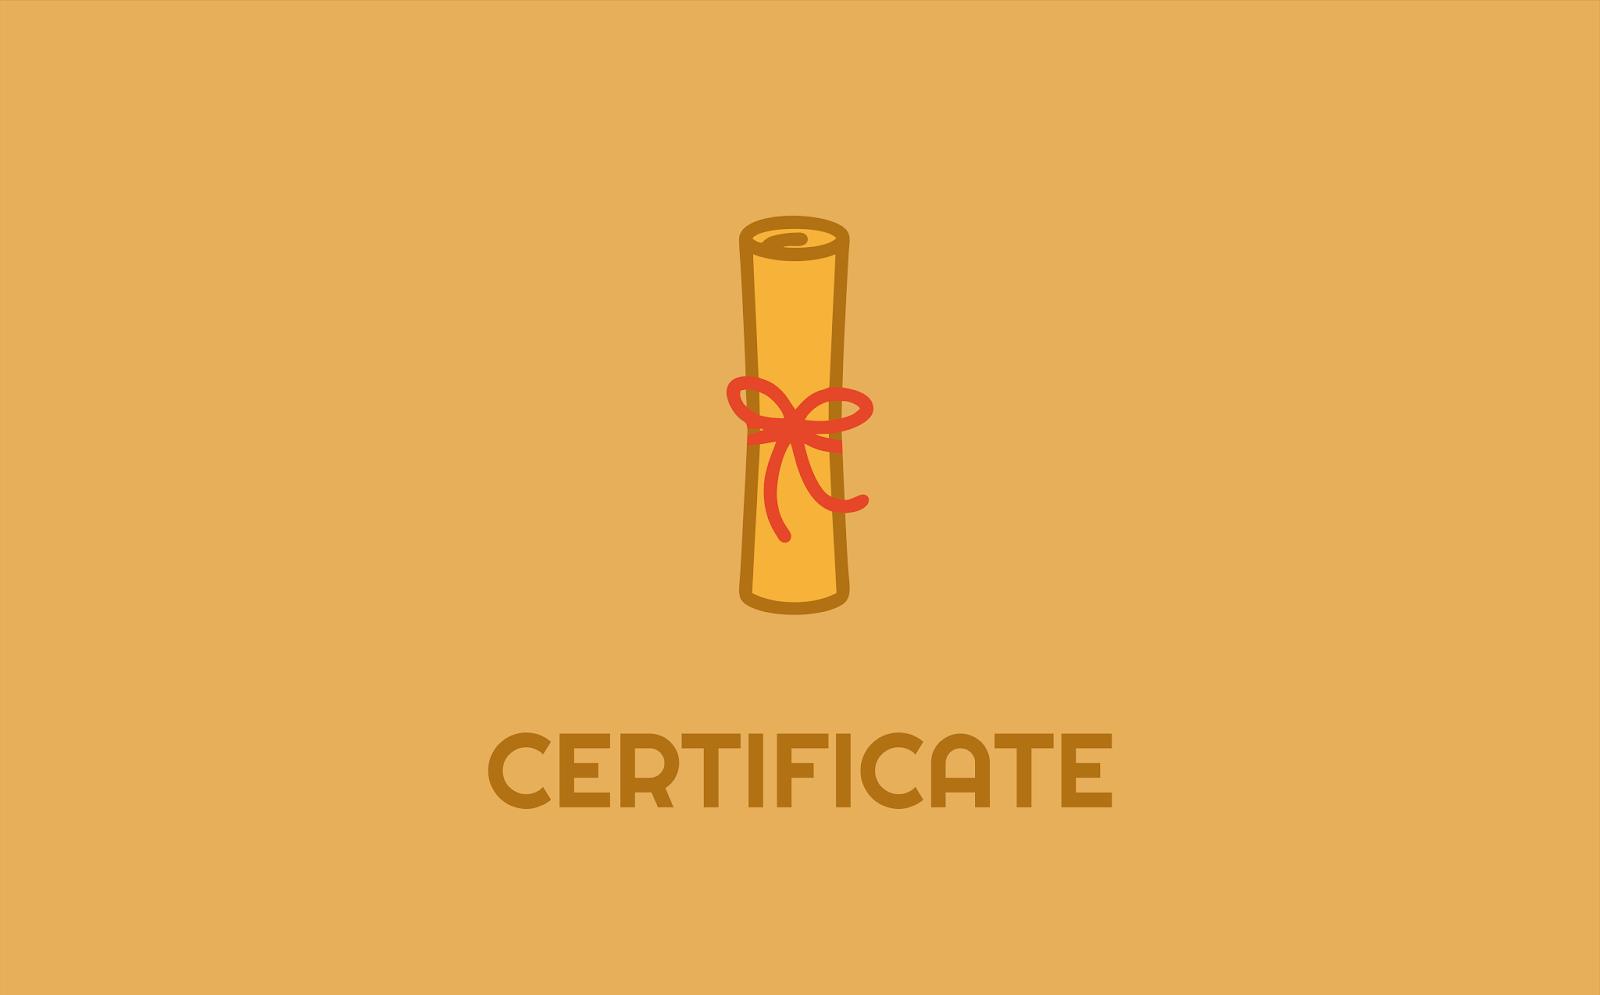 Certificate Logo Idea